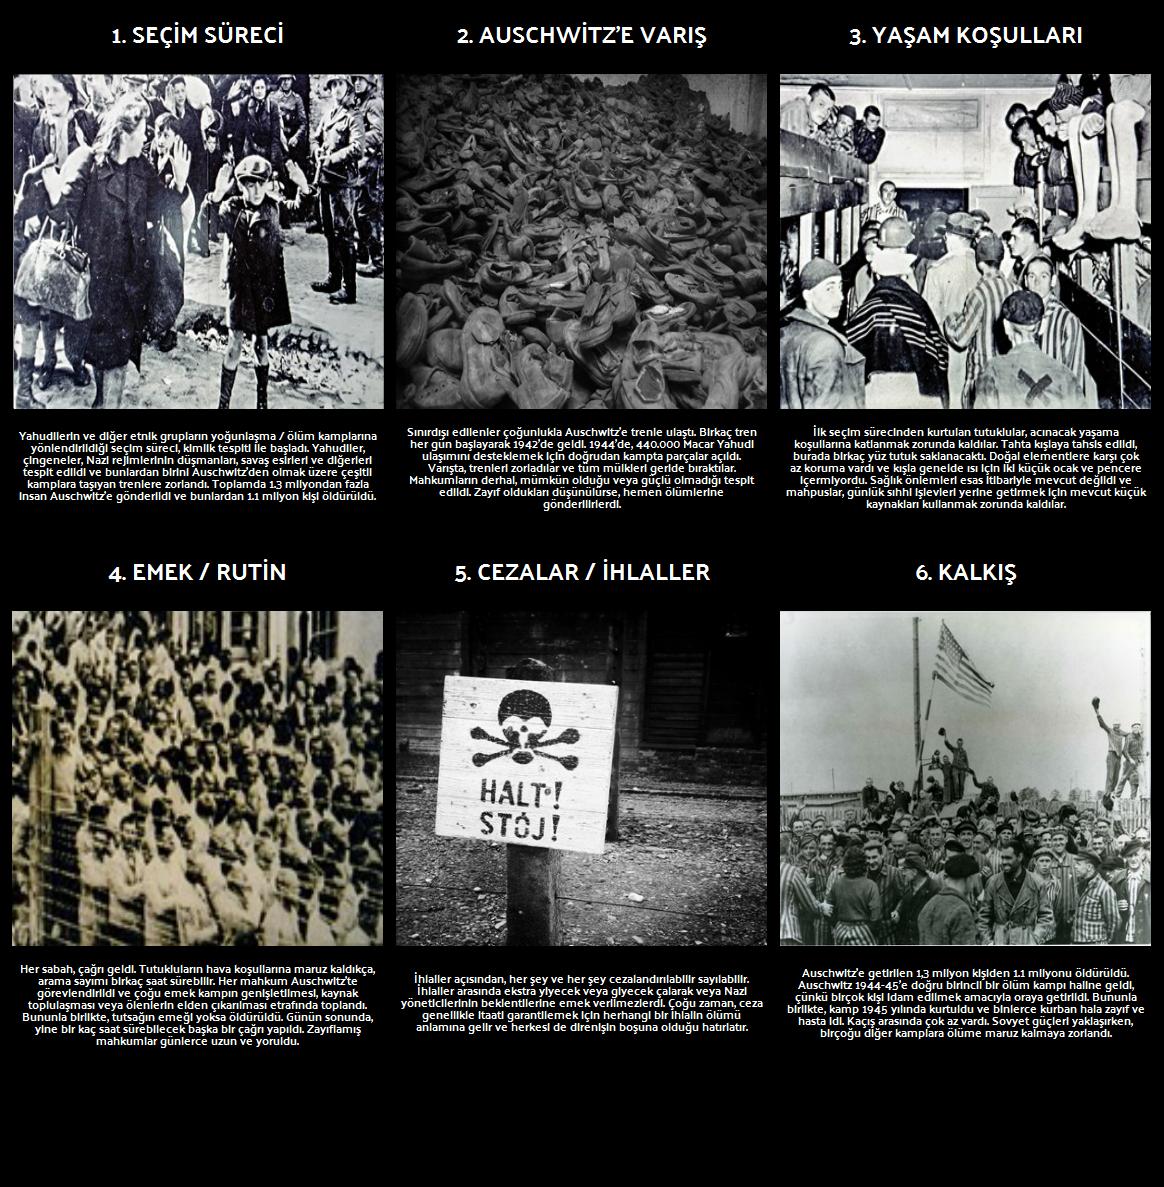 Soykırım Tarihi - Auschwitz'teki Yaşam